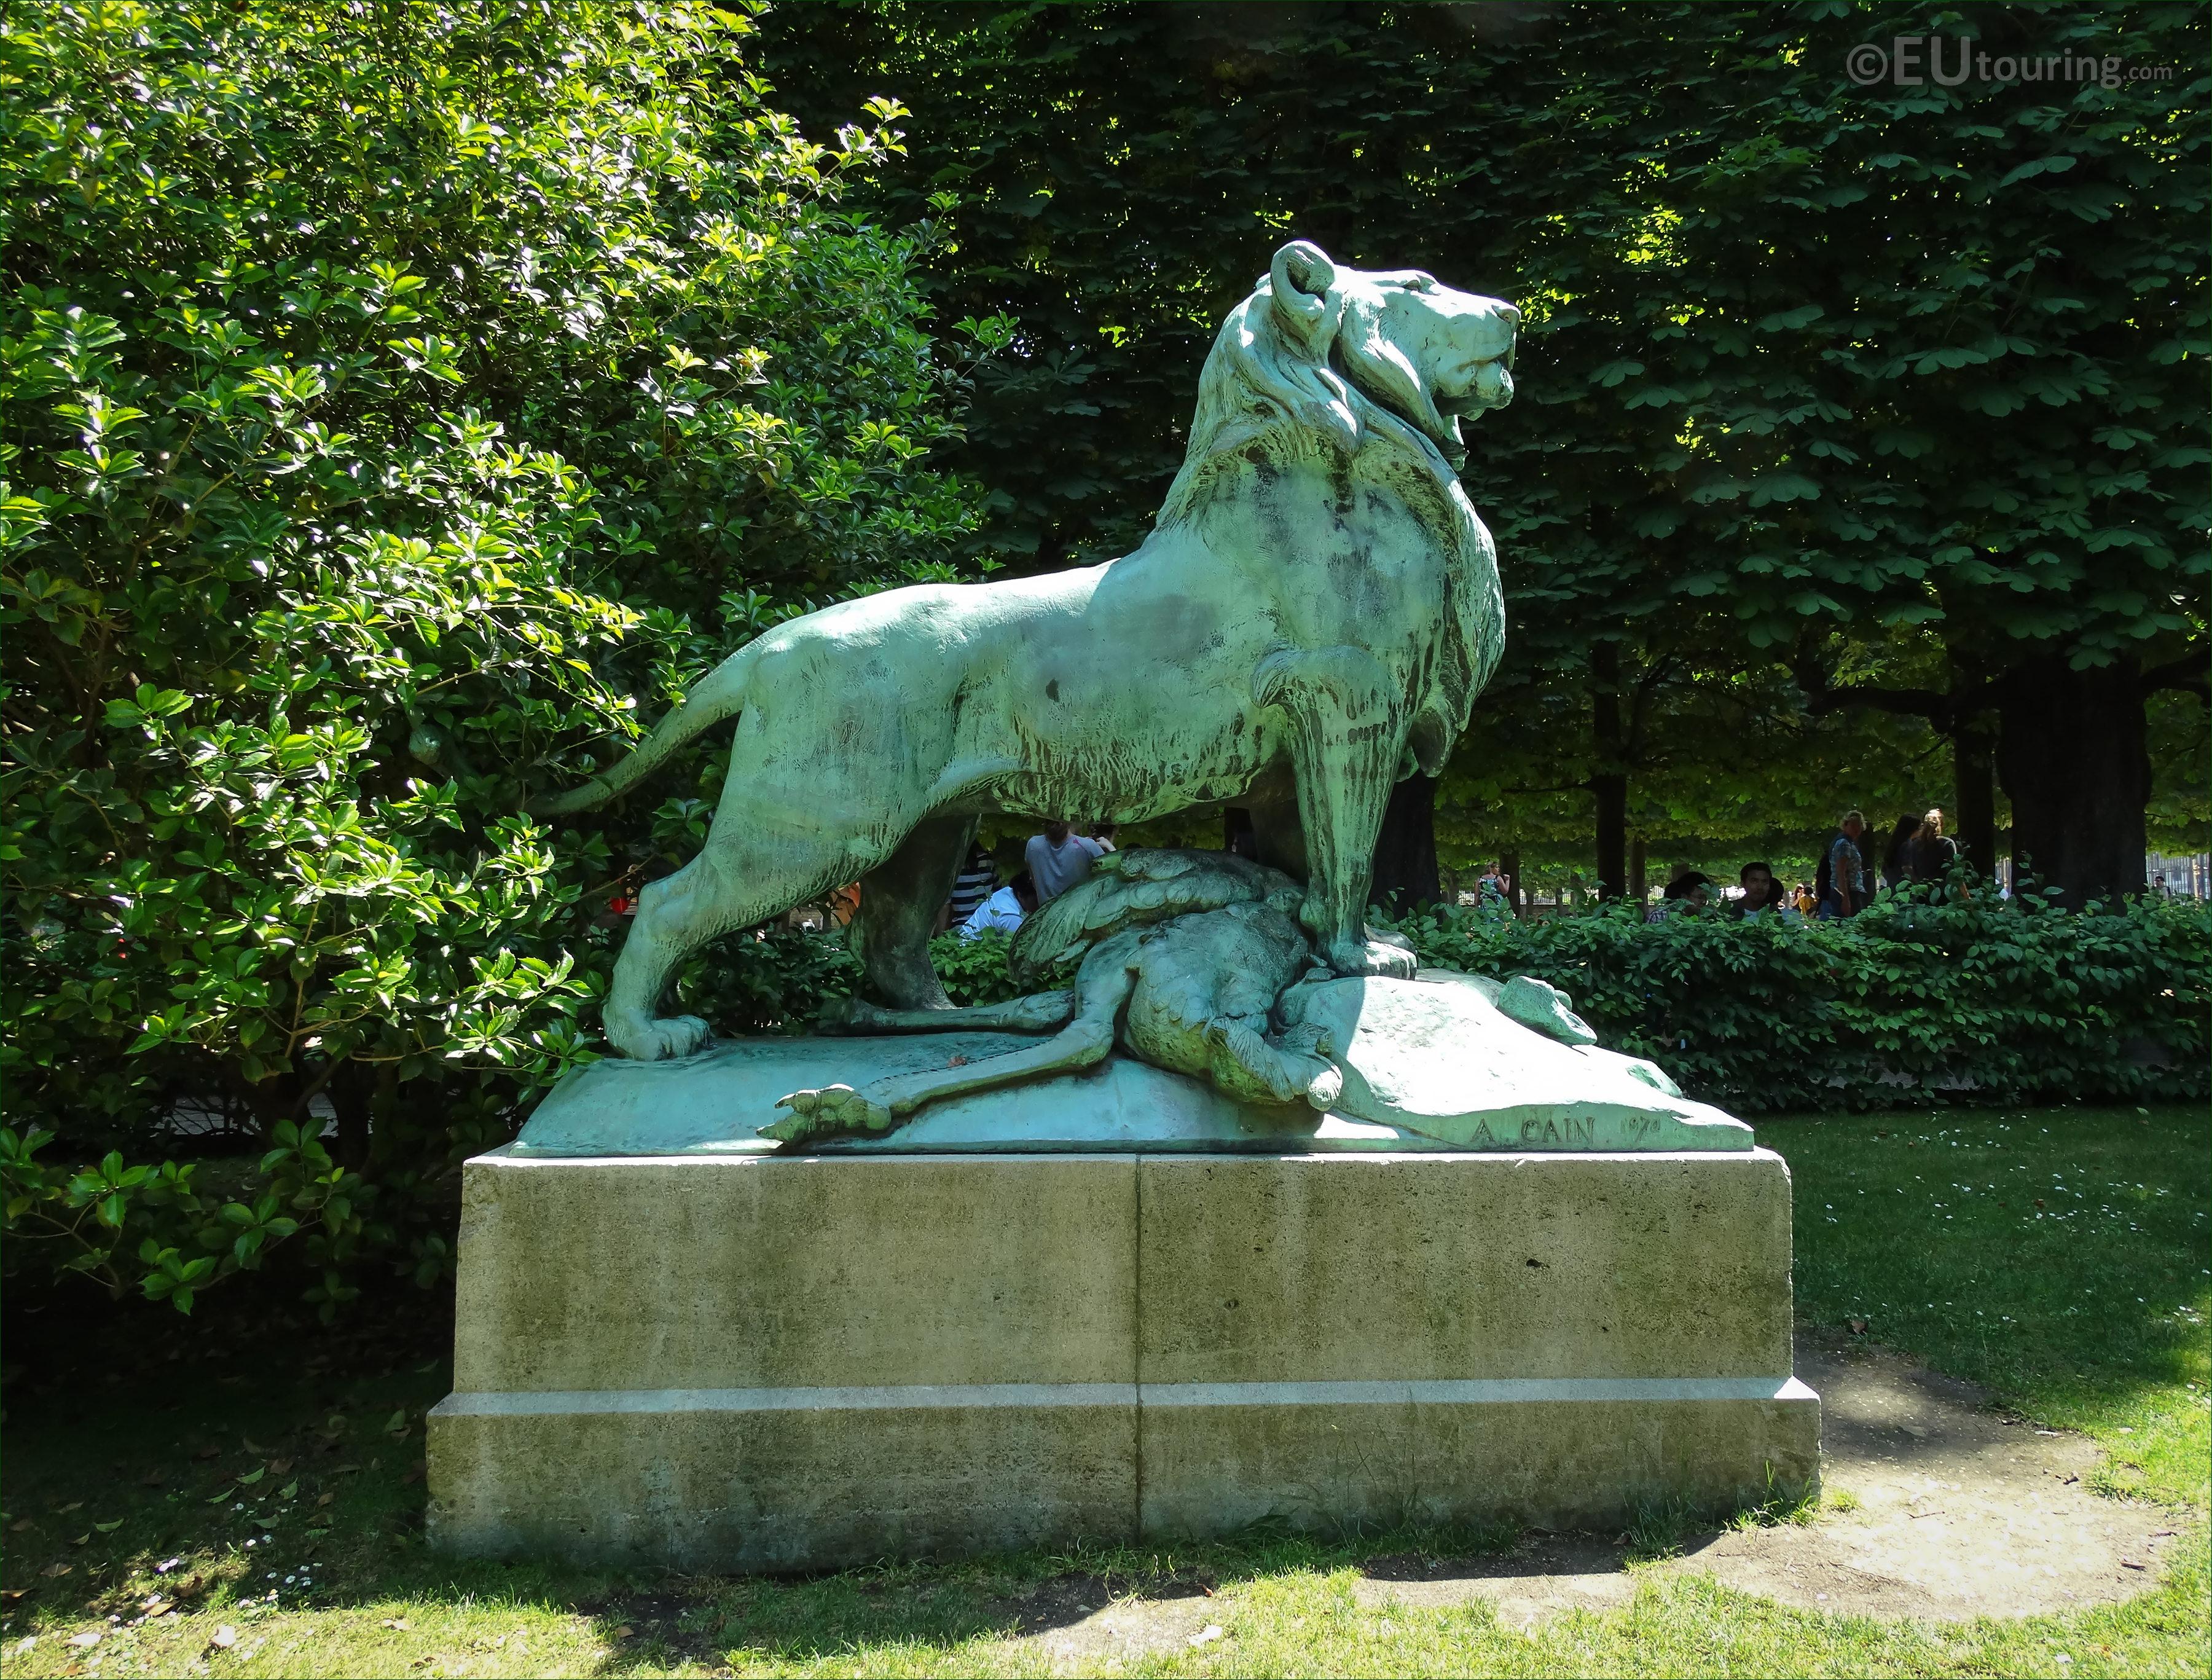 s of Le Lion de Nubie et sa Proie statue Luxembourg Gardens